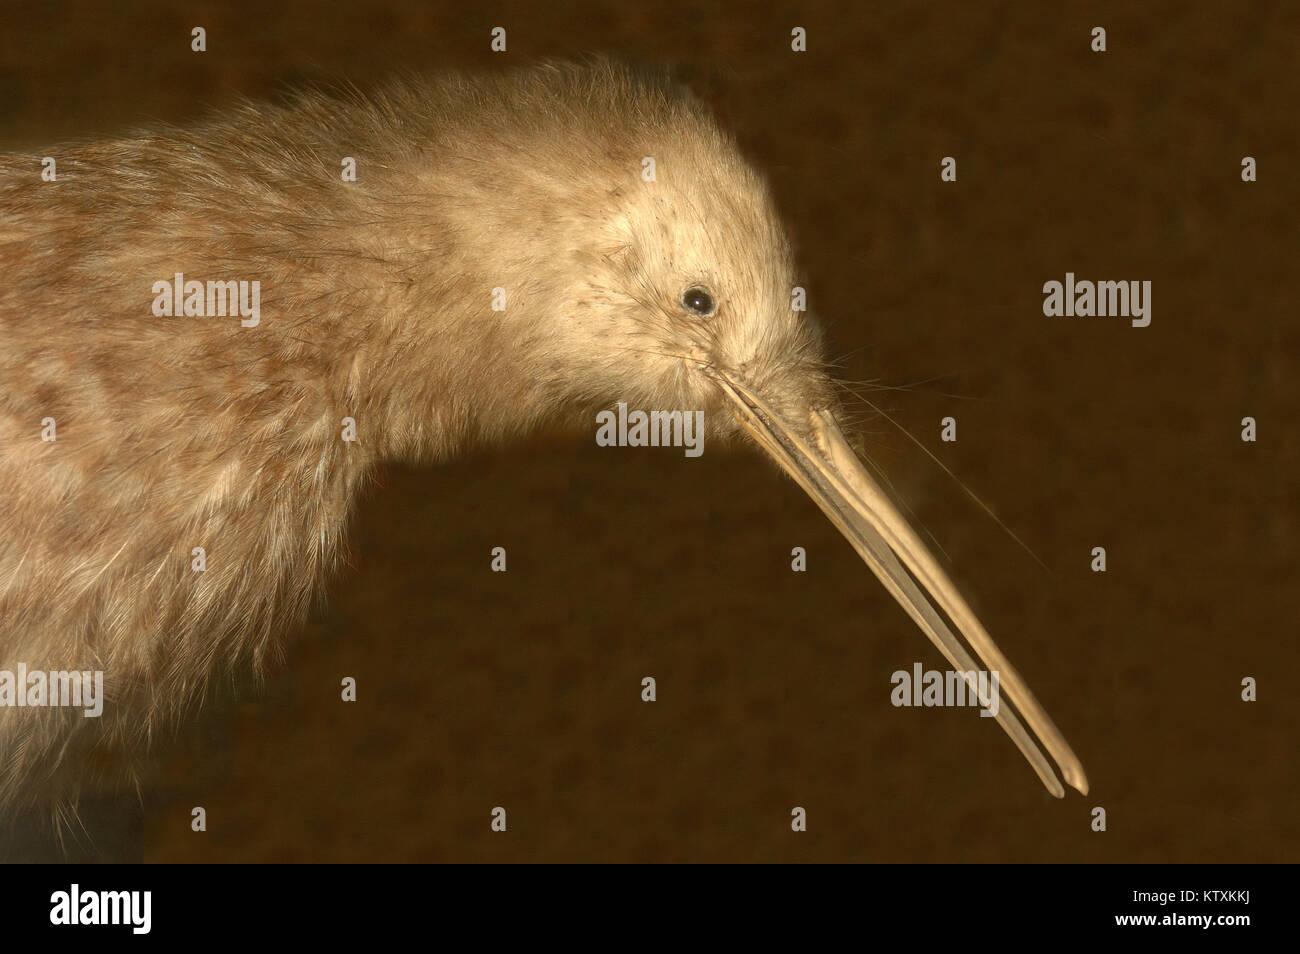 Little Spotted kiwi, Apteryx oweni, New Zealand - Stock Image